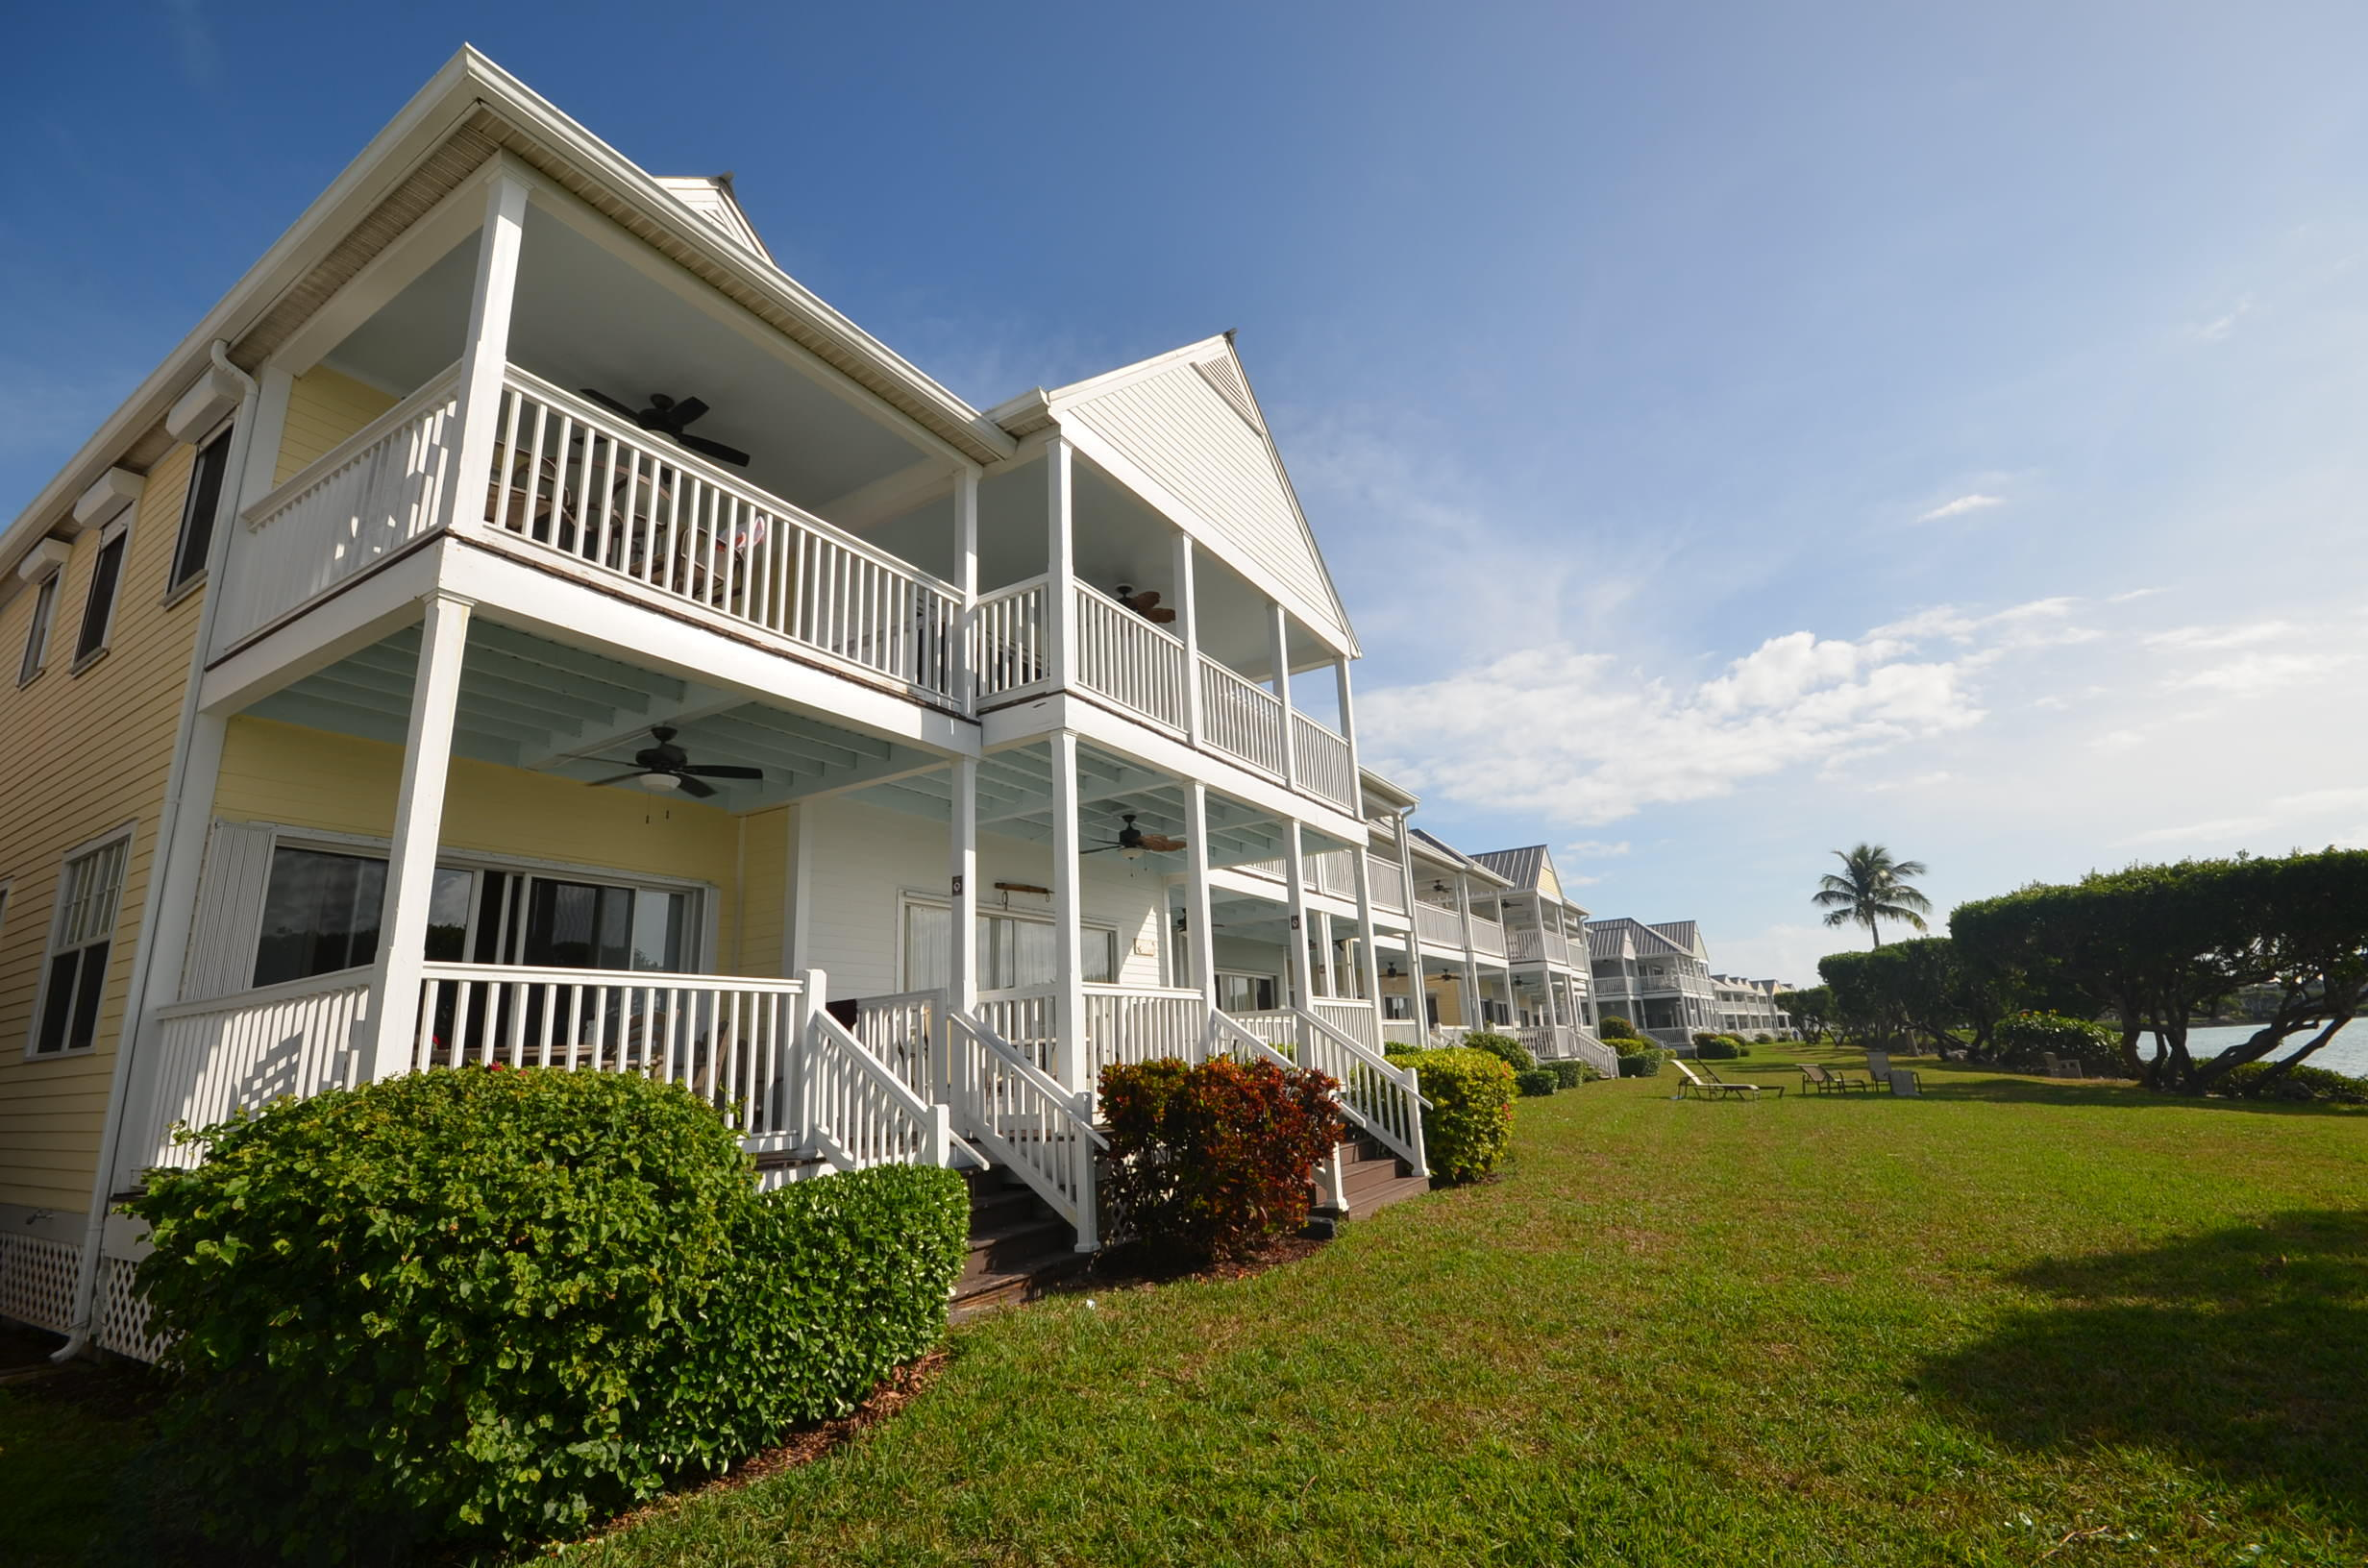 5017 Sunset Village Drive Duck Key Fl 33050 Hawks Cay Realty